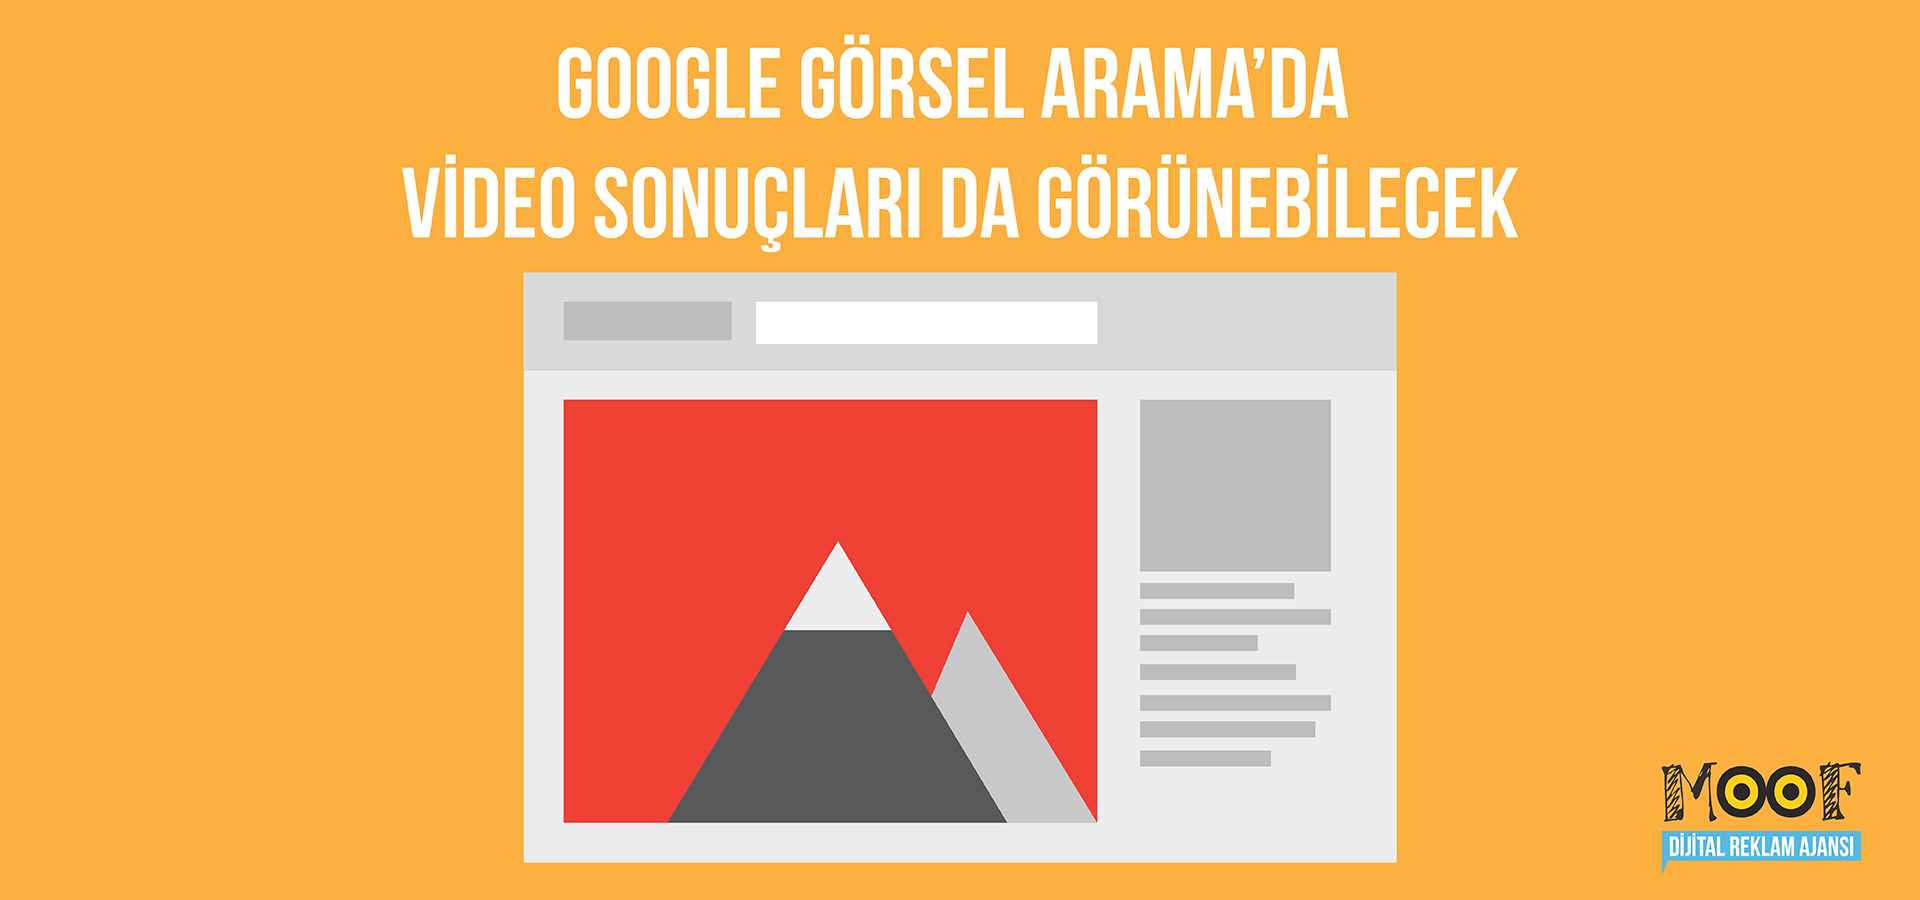 Google Görsel Arama'da Video Sonuçları da Görünebilecek